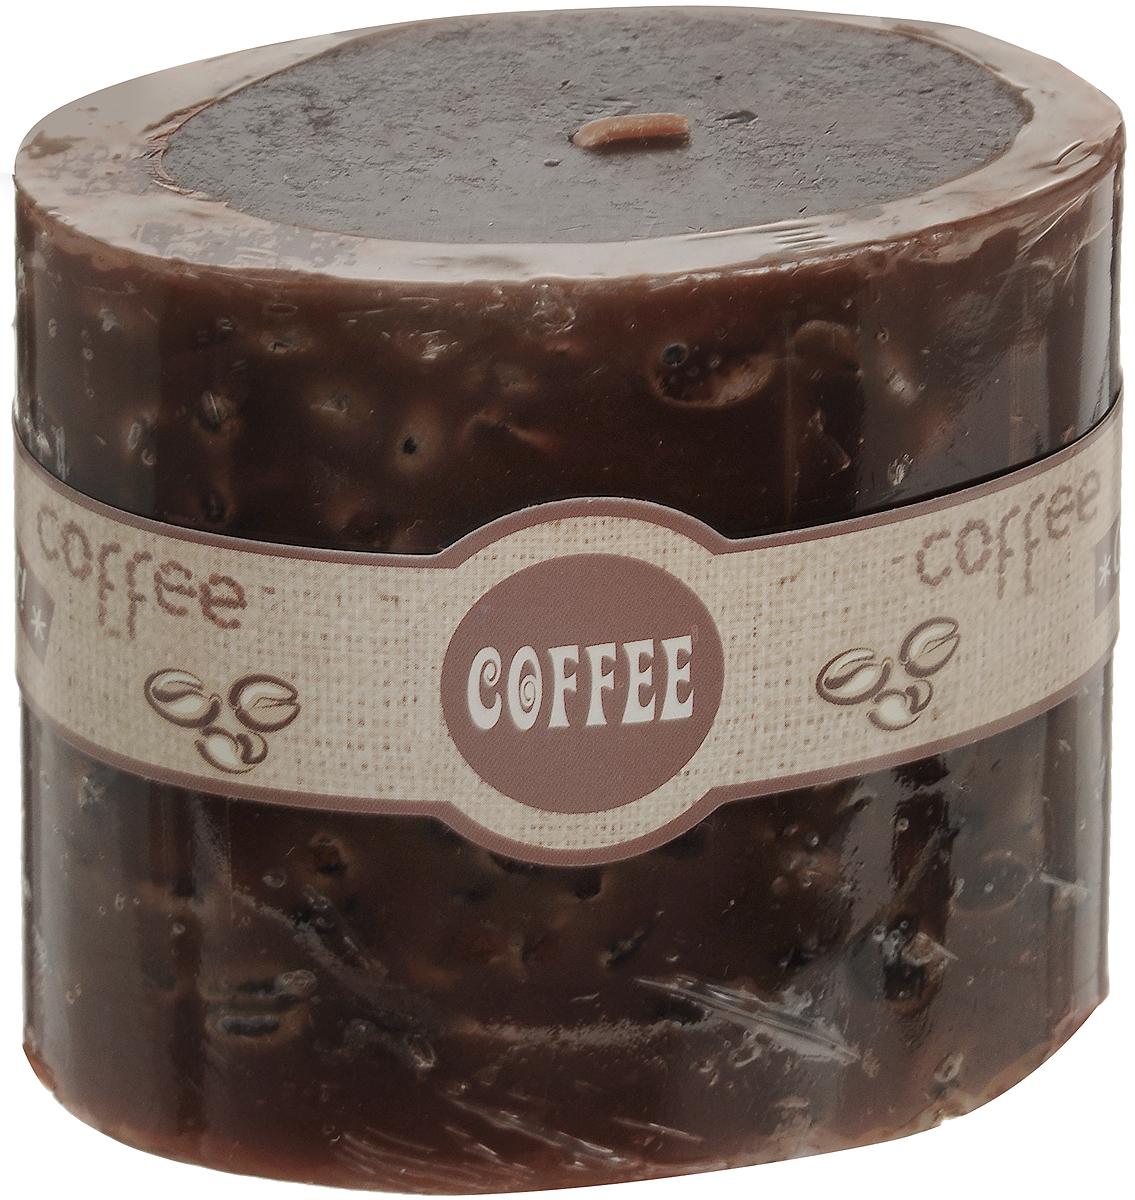 Свеча декоративная Lovemark Кофе, ароматизированная, цвет: коричневый, 9 х 5,5 х 8 смRG-D31SДекоративная свеча Lovemark Кофе изготовлена из высококачественного парафина. Изделие отличается оригинальным дизайном и приятным ароматом кофе.Такая свеча может стать отличным подарком или дополнить интерьер вашей комнаты.